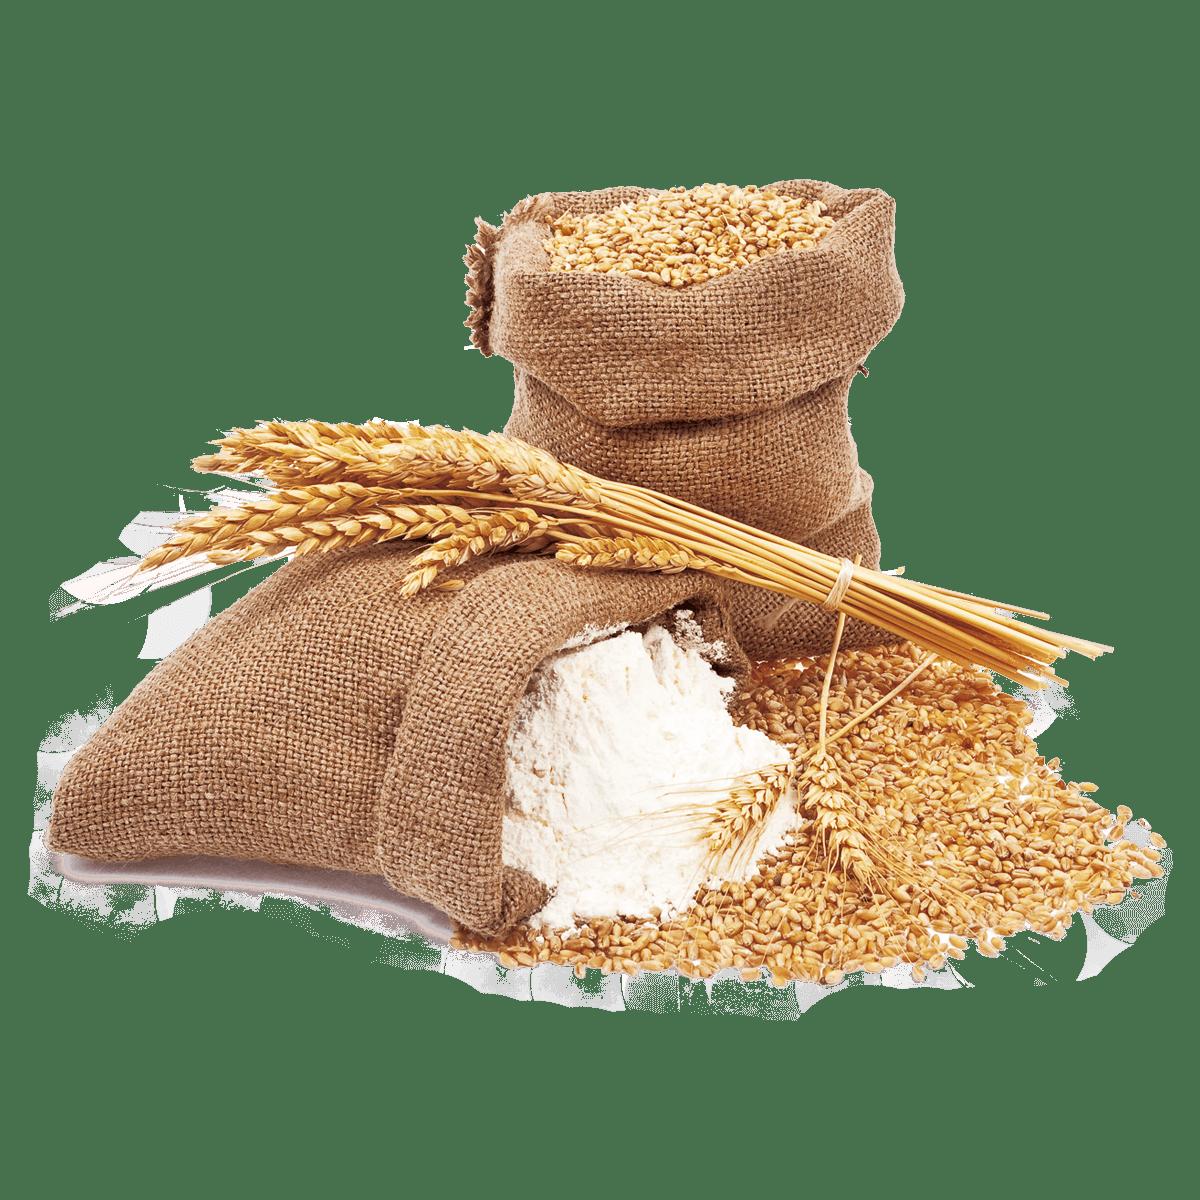 Wheat Flour Transparent Photo